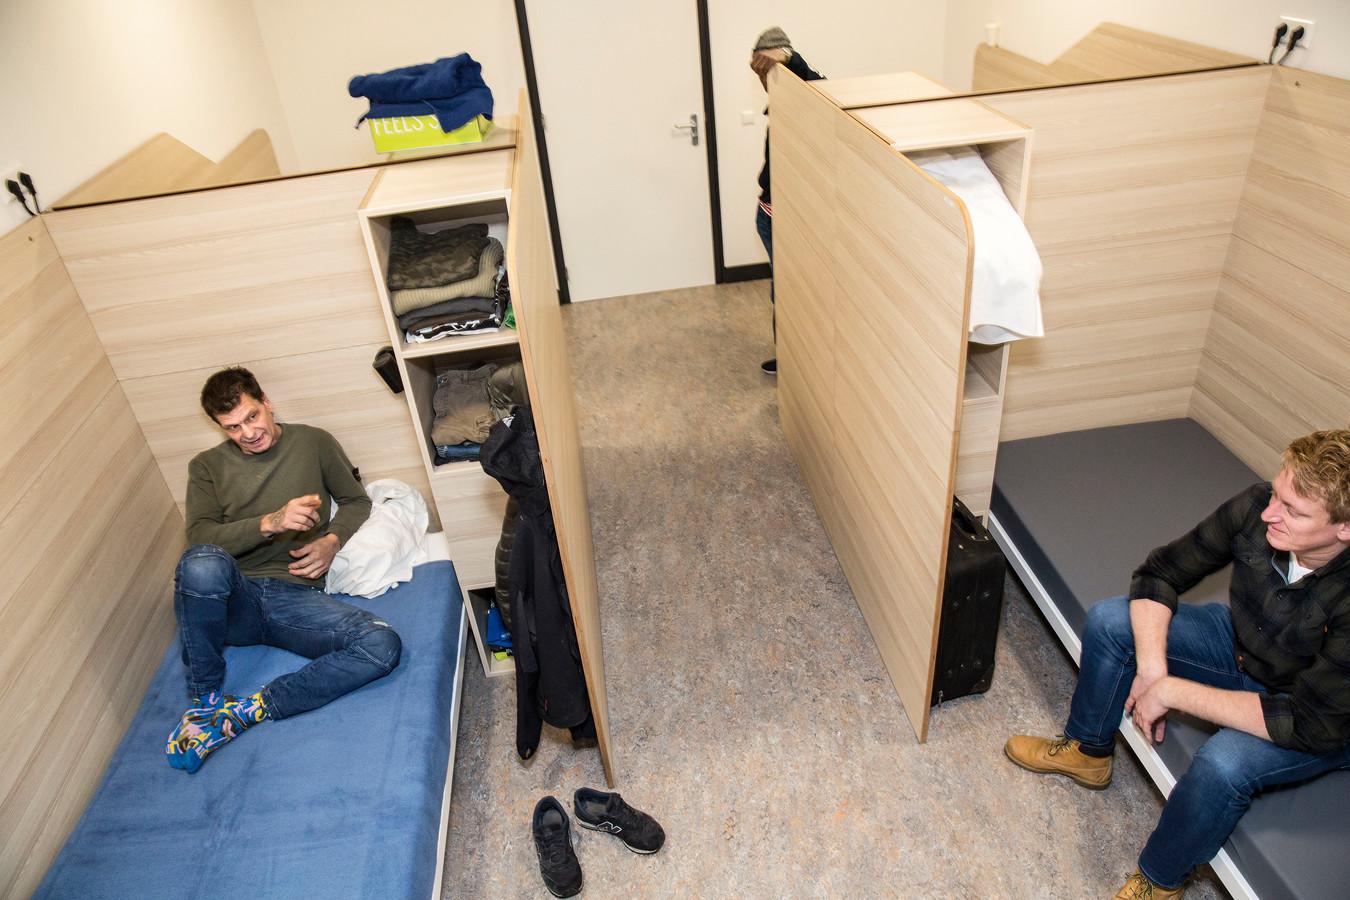 In de nachtopvang moeten op meer plekken slaapkamers in plaats van slaapzalen met stapelbedden komen, zoals hier in het Rotterdamse centrum. Dan kunnen daklozen ook makkelijker 1,5 meter afstand houden.